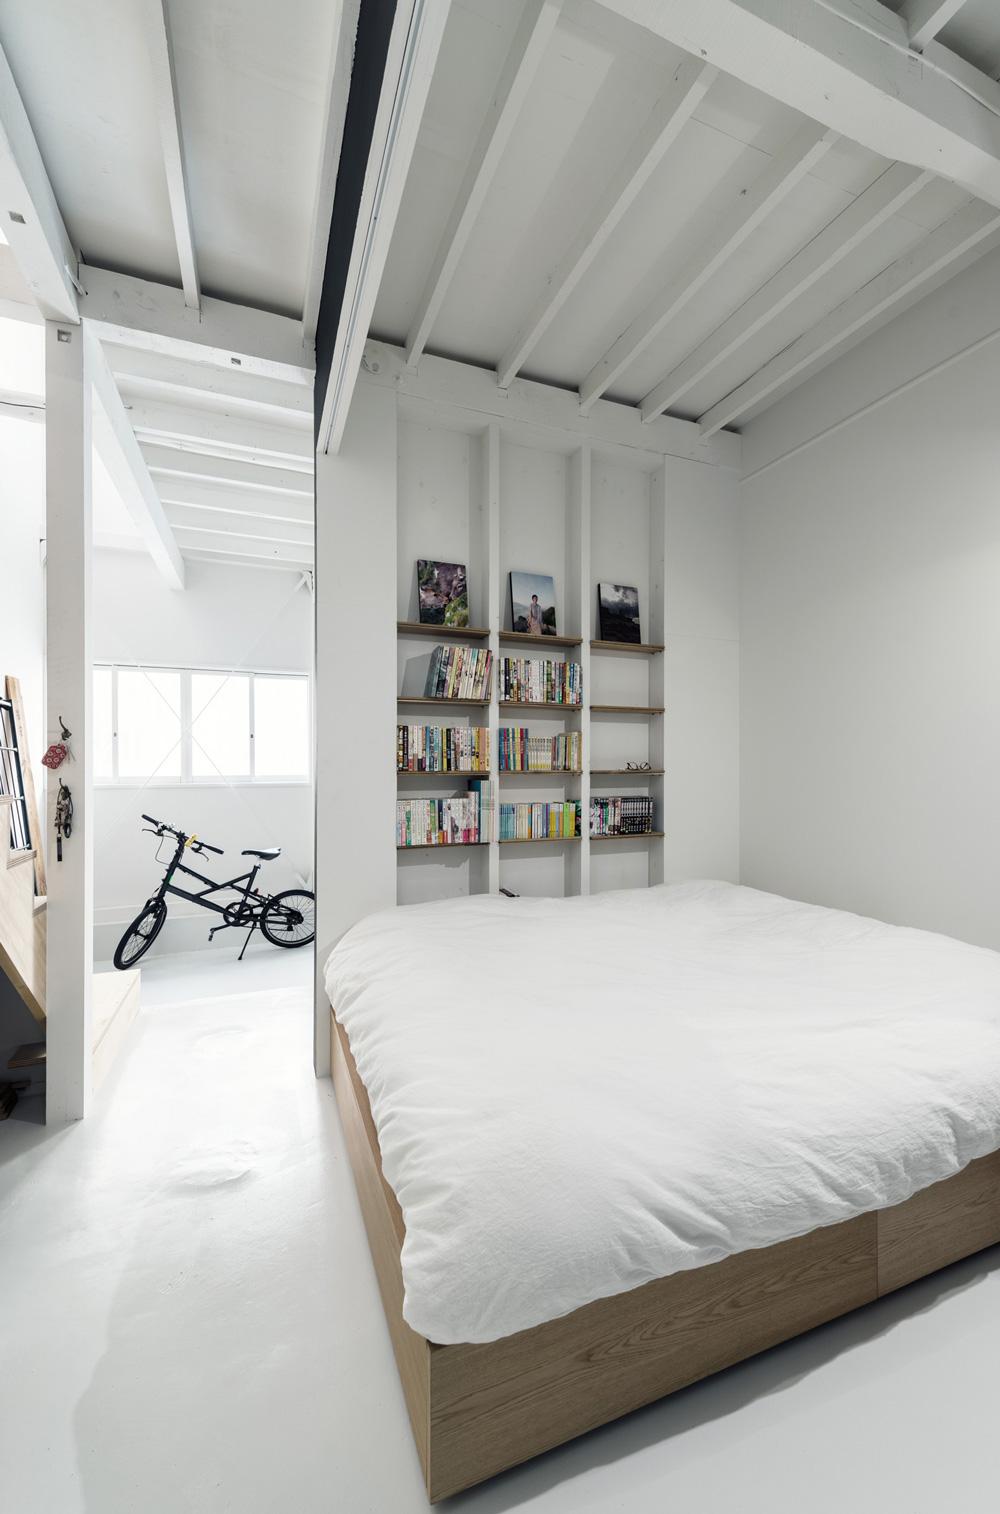 Re-Toyosaki / Coil Kazuteru Matumura Architects (18)